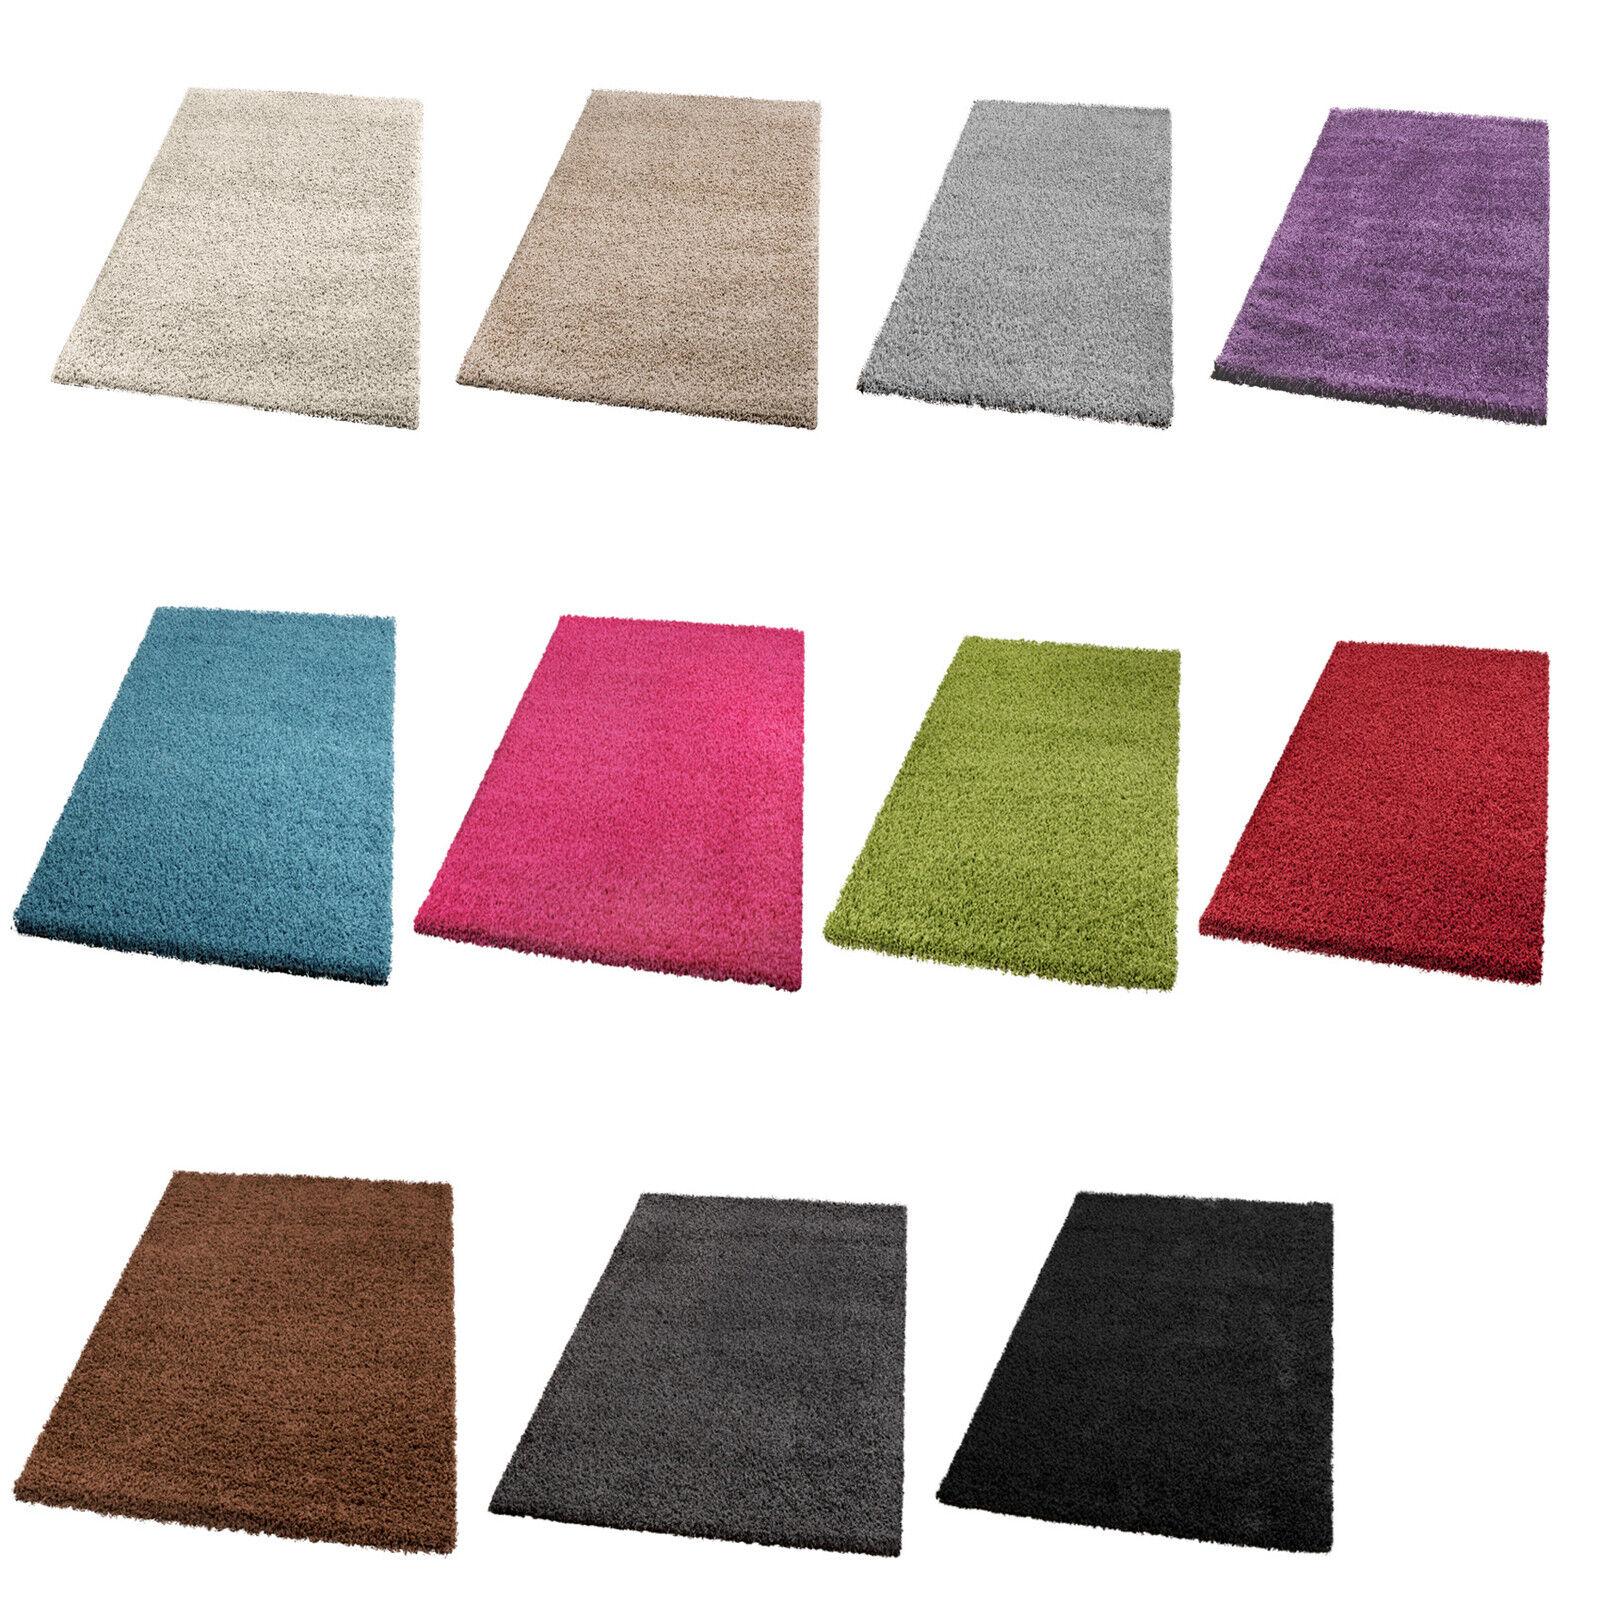 Shaggy Teppich Hochflor Langflor Teppiche Wohnzimmer Preishammer Versch Farben